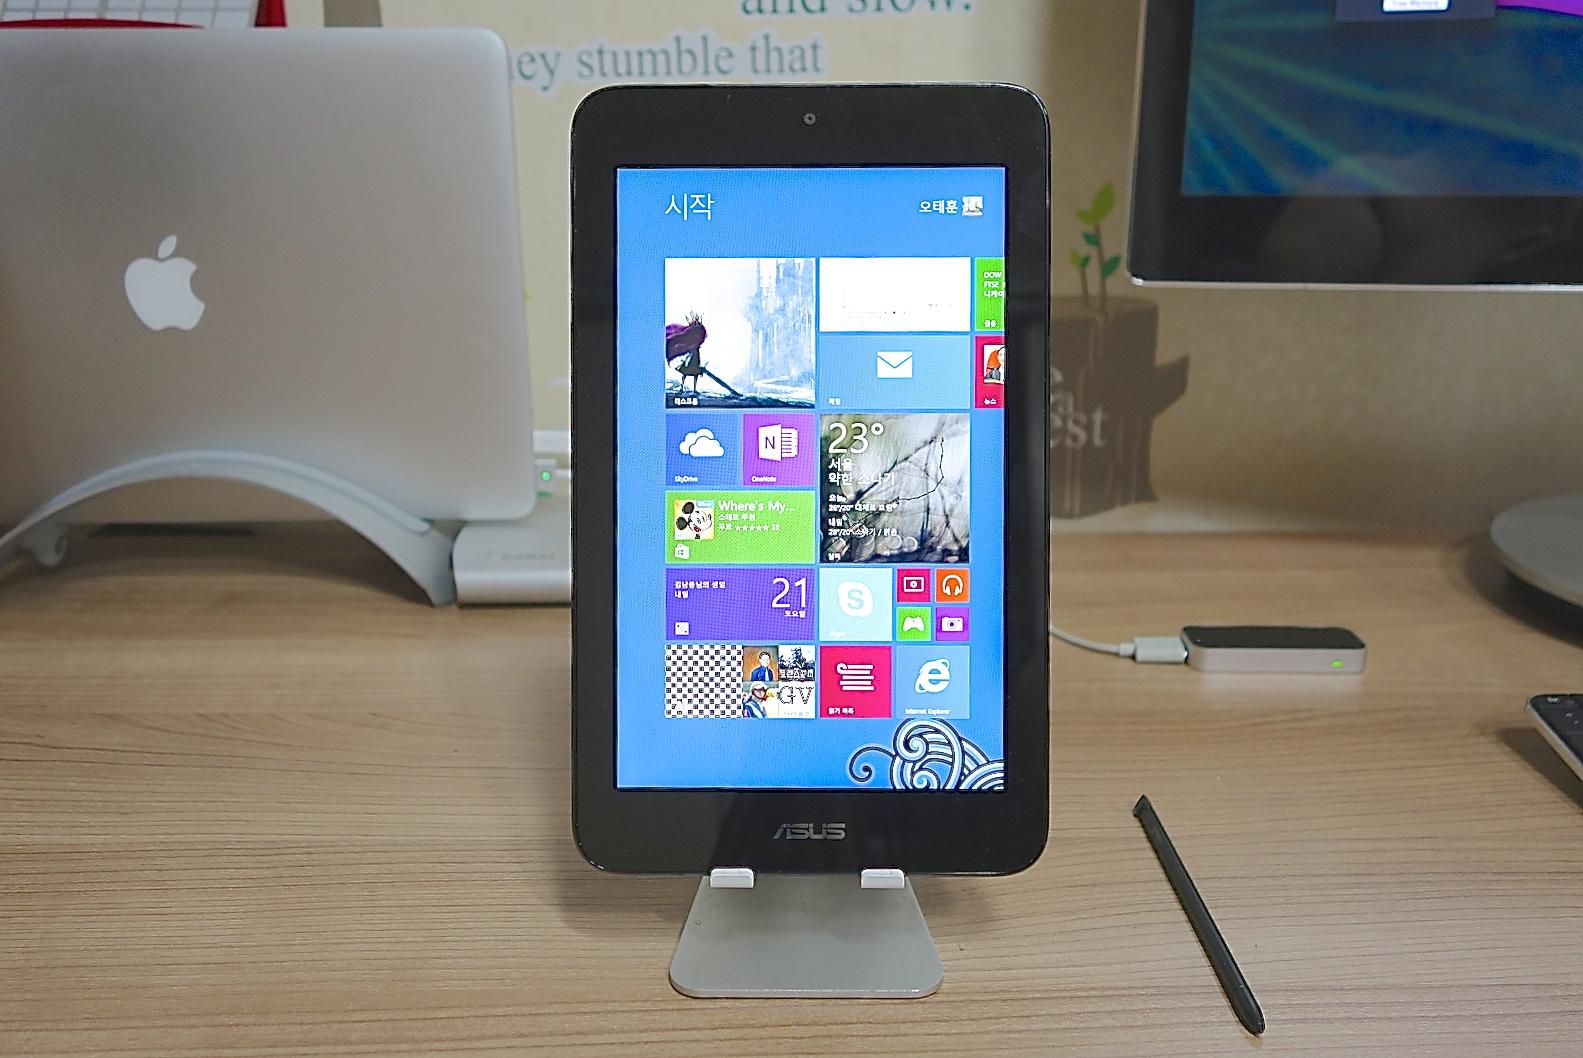 세로본능 윈도 8.1 태블릿 ASUS Vivo TAB Note 8[2]  8인치 태블릿과 생산성 작업